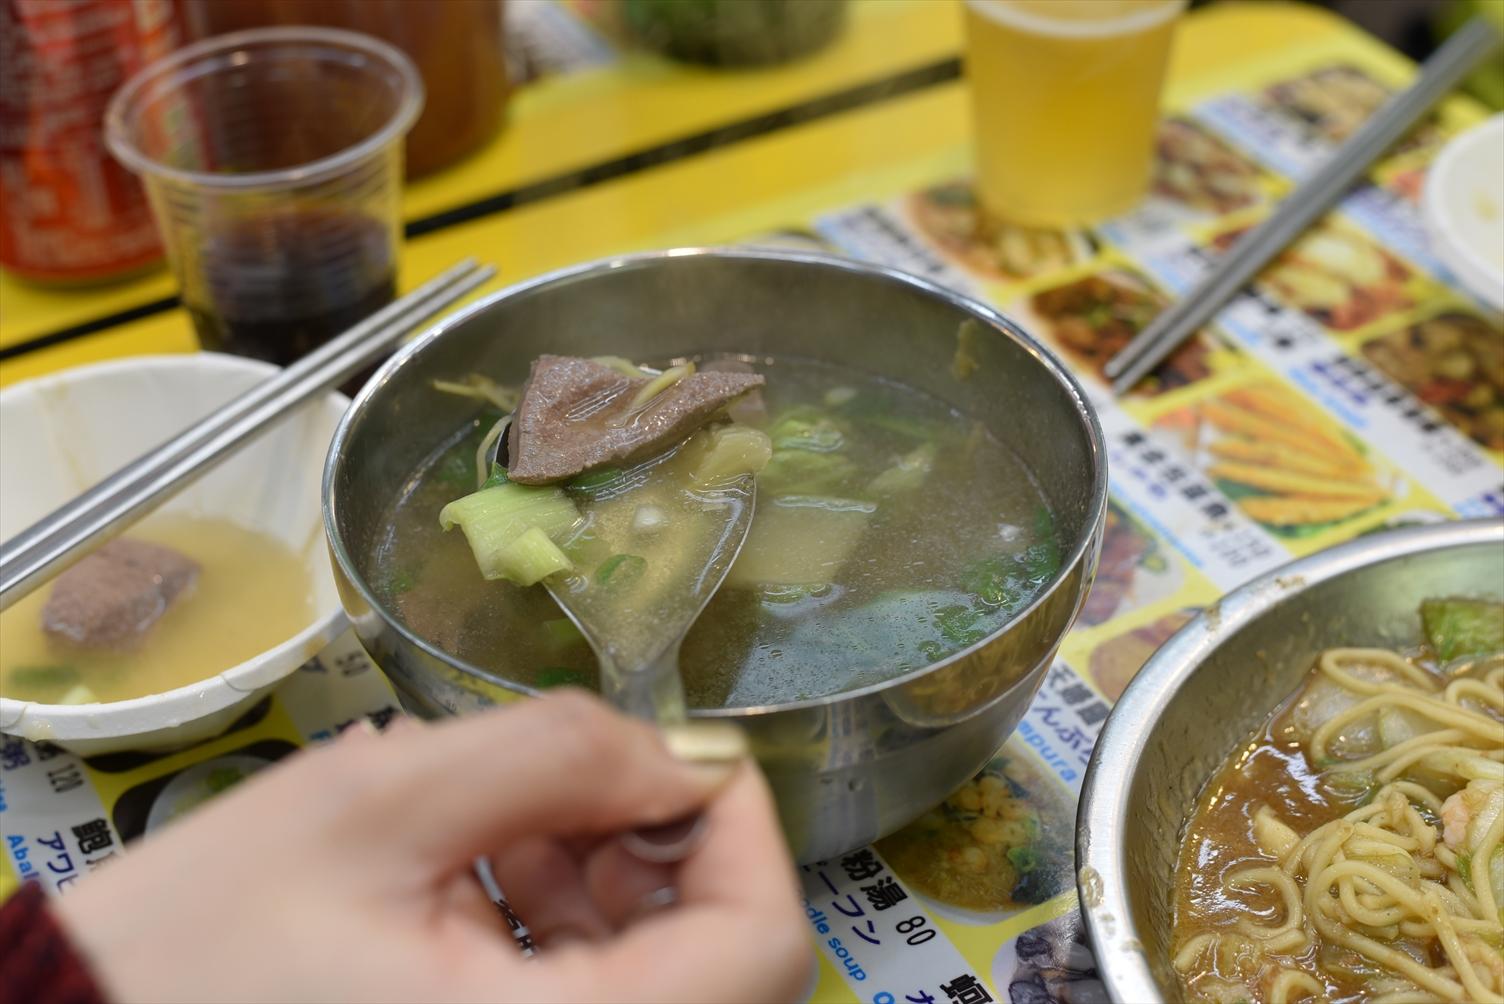 士林夜市 地下美食区 フードコート レバースープ